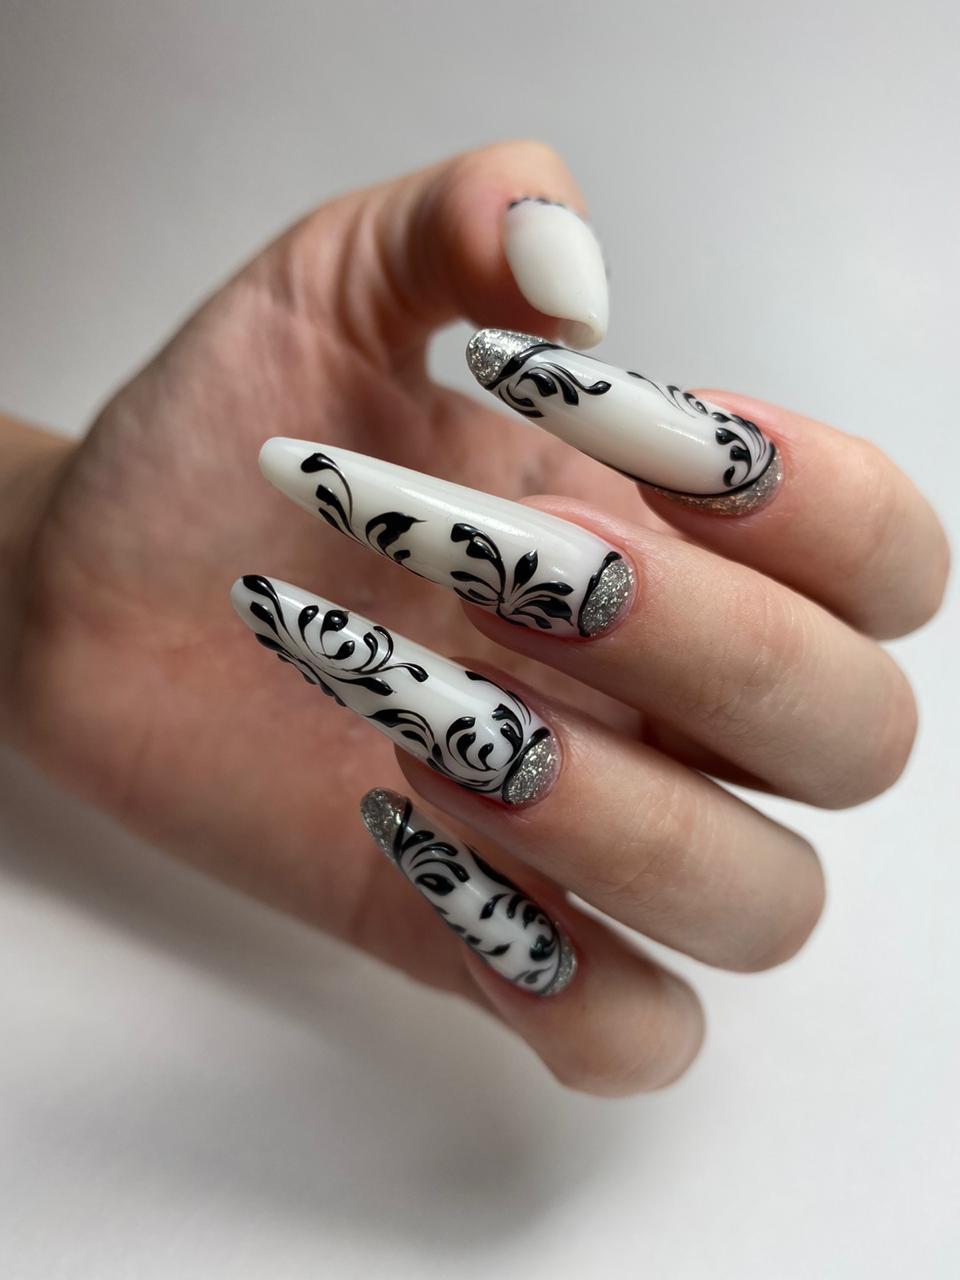 Лунный маникюр с вензелями в белом цвете на длинные ногти.